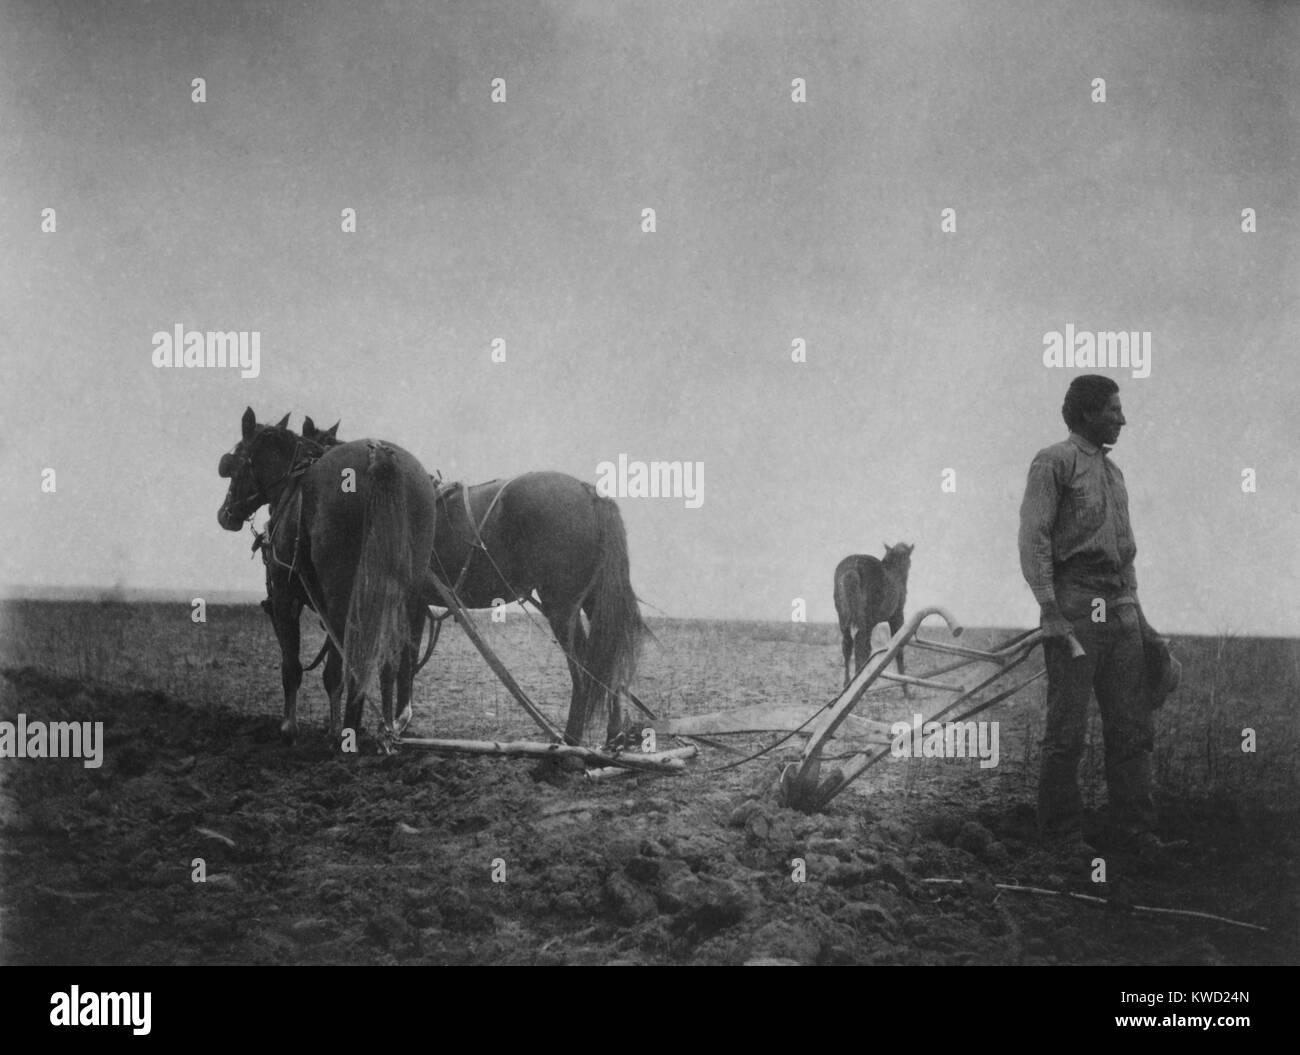 Die Morgendämmerung der Zivilisation, ein Foto von einem amerikanischen Ureinwohner in einem Feld mit einem pferdefuhrwerk Stockfoto